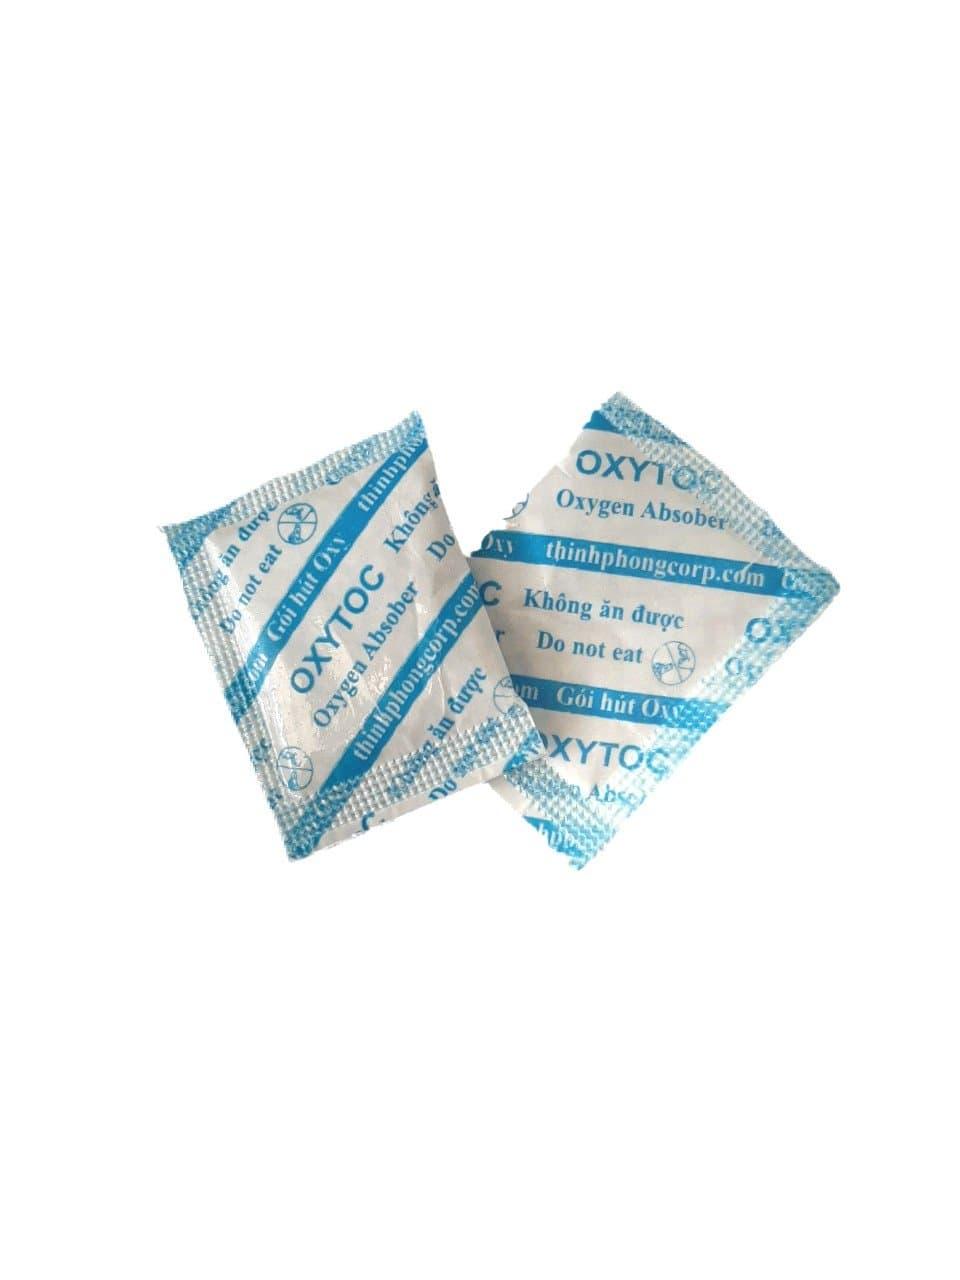 200 gói hút oxy loại 30cc dùng cho bánh kẹo, thực phẩm và ngũ cốc